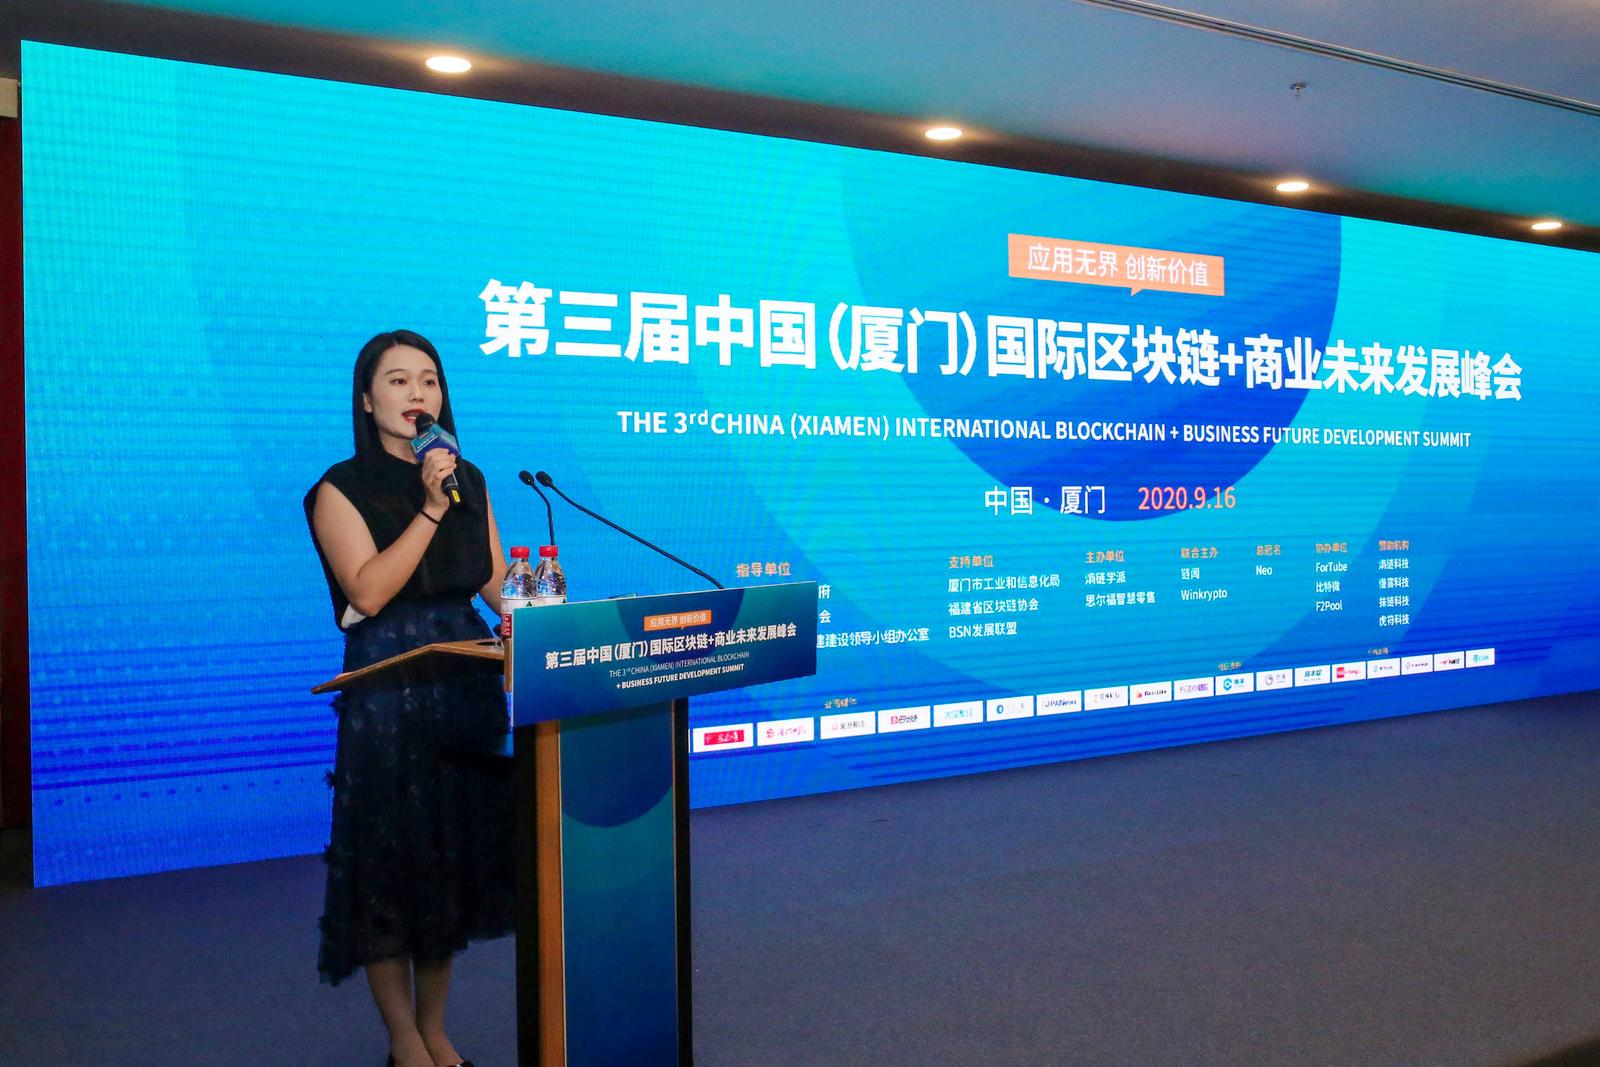 祝贺第三届中国国际区块链+商业未来发展峰会成功举办